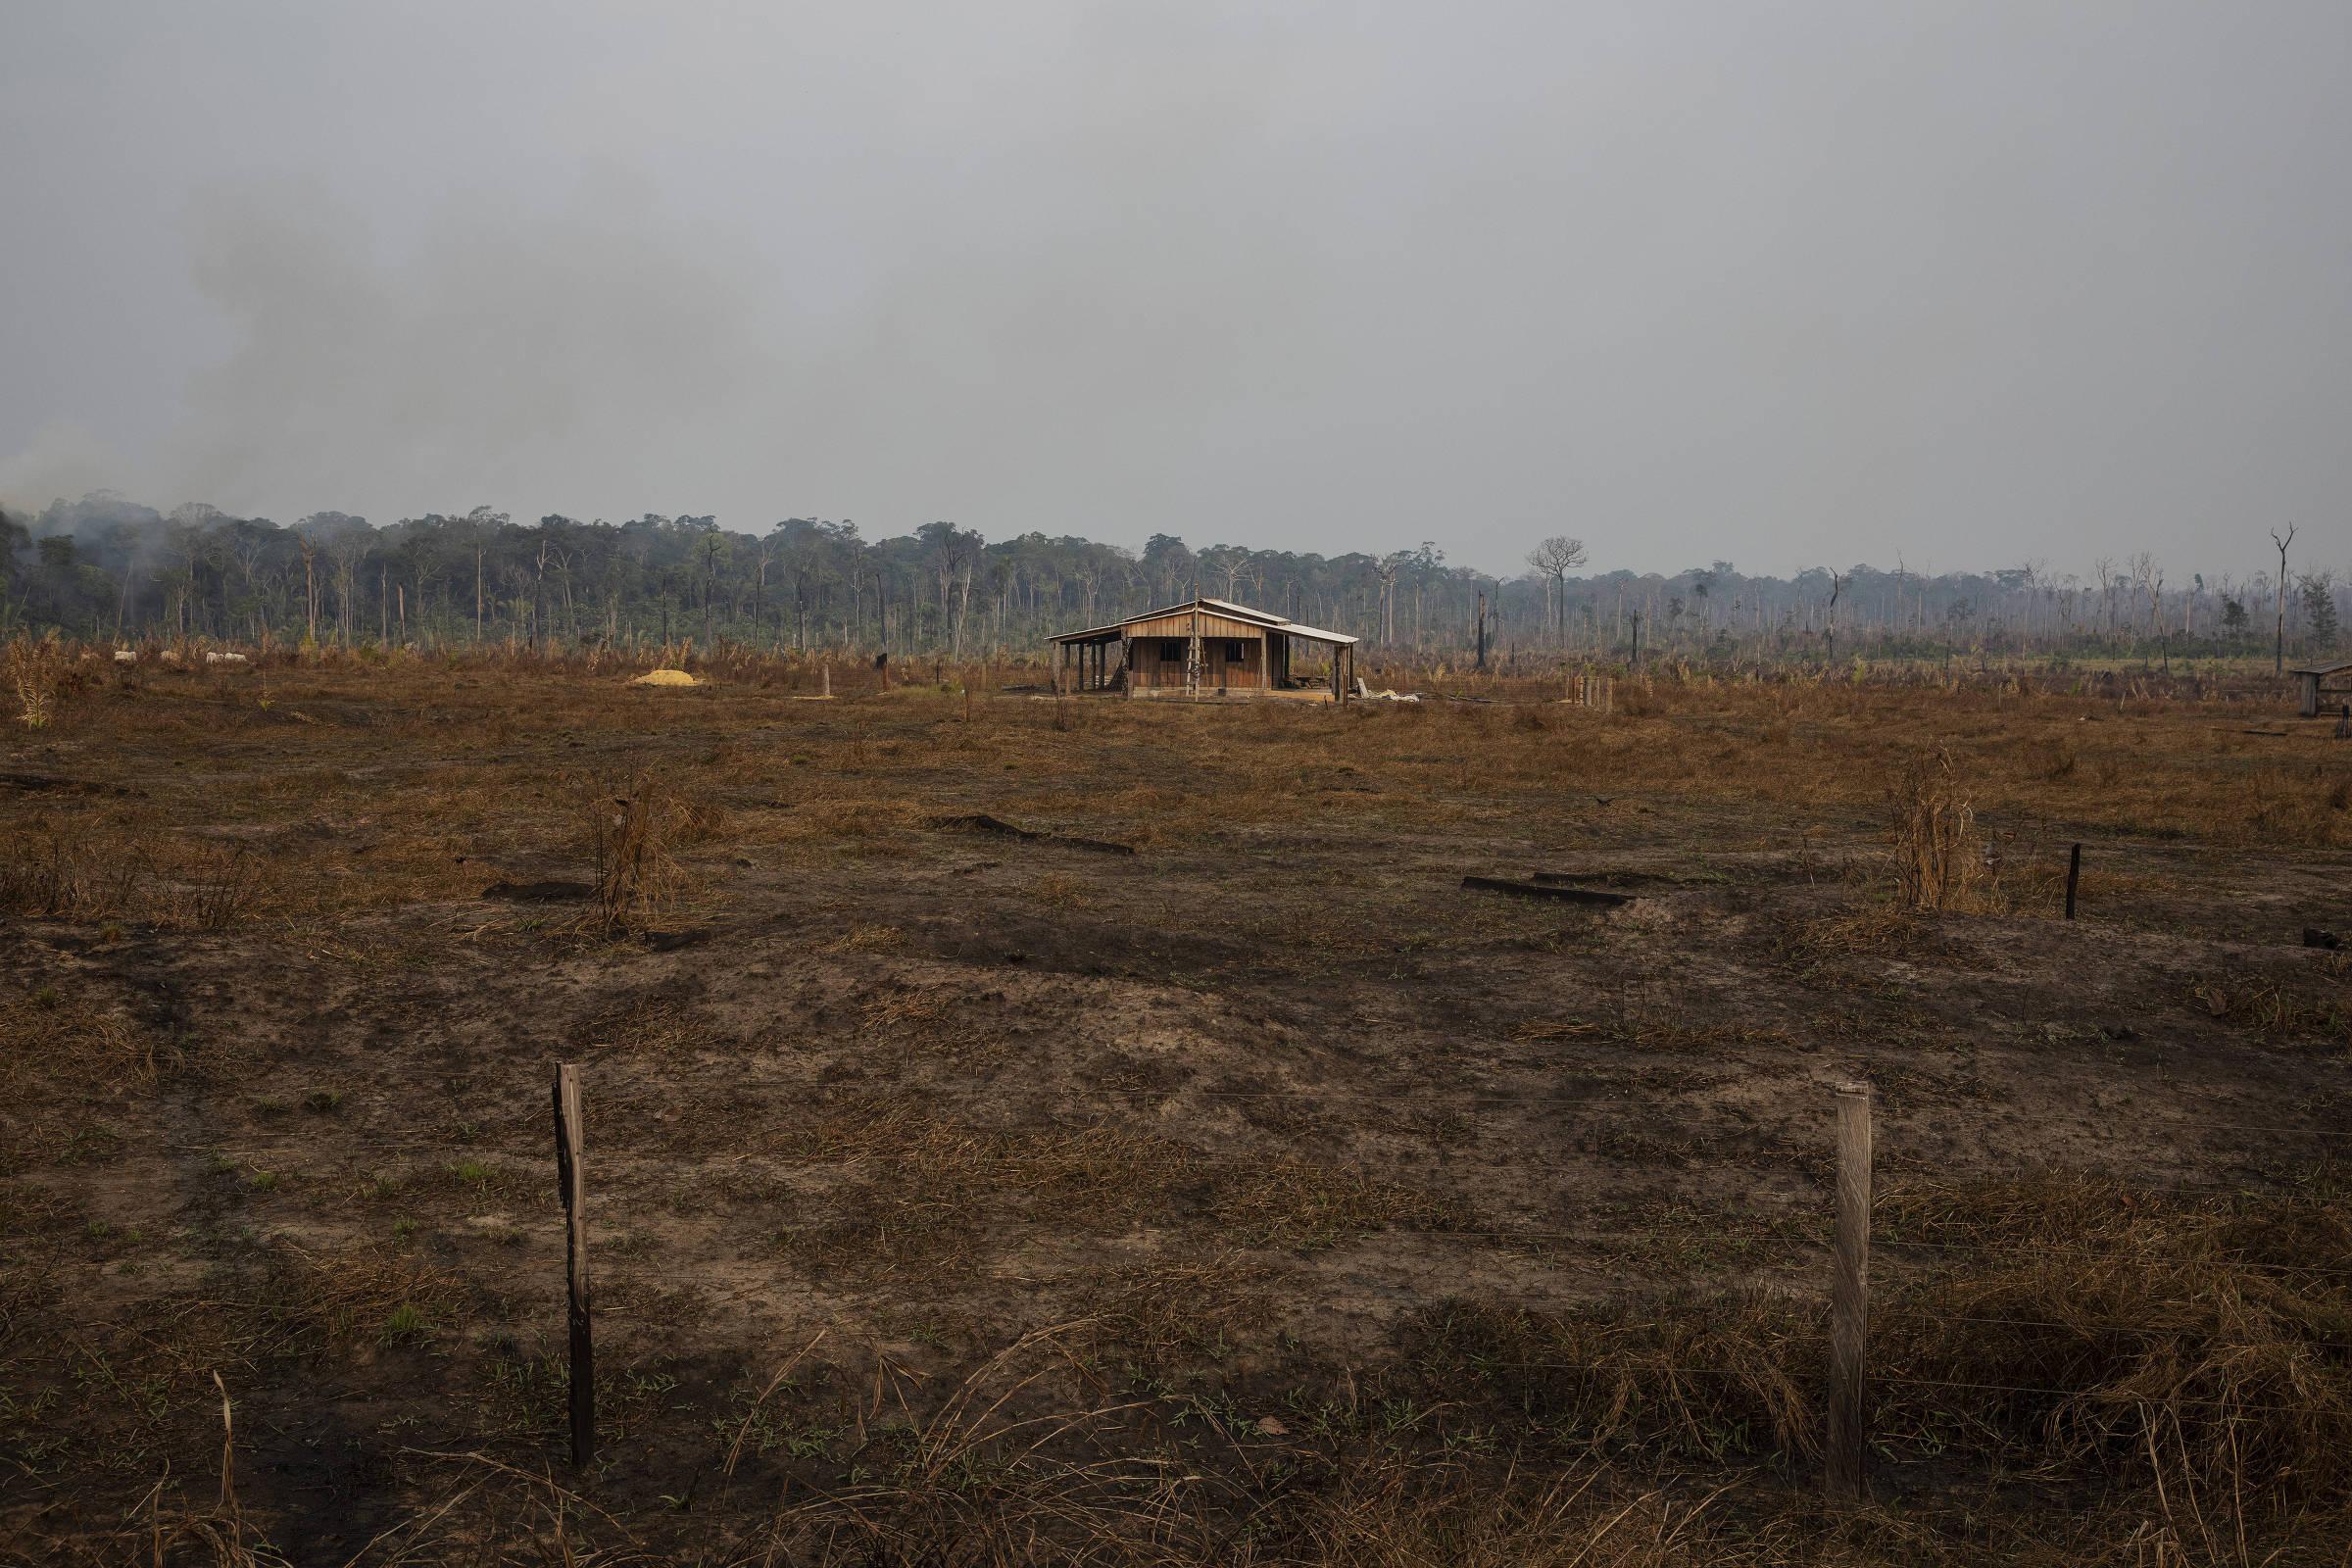 Casa em construção em fazenda às margens da rodovia Transamazônica, na zona rural de Apuí, no sul do Amazonas